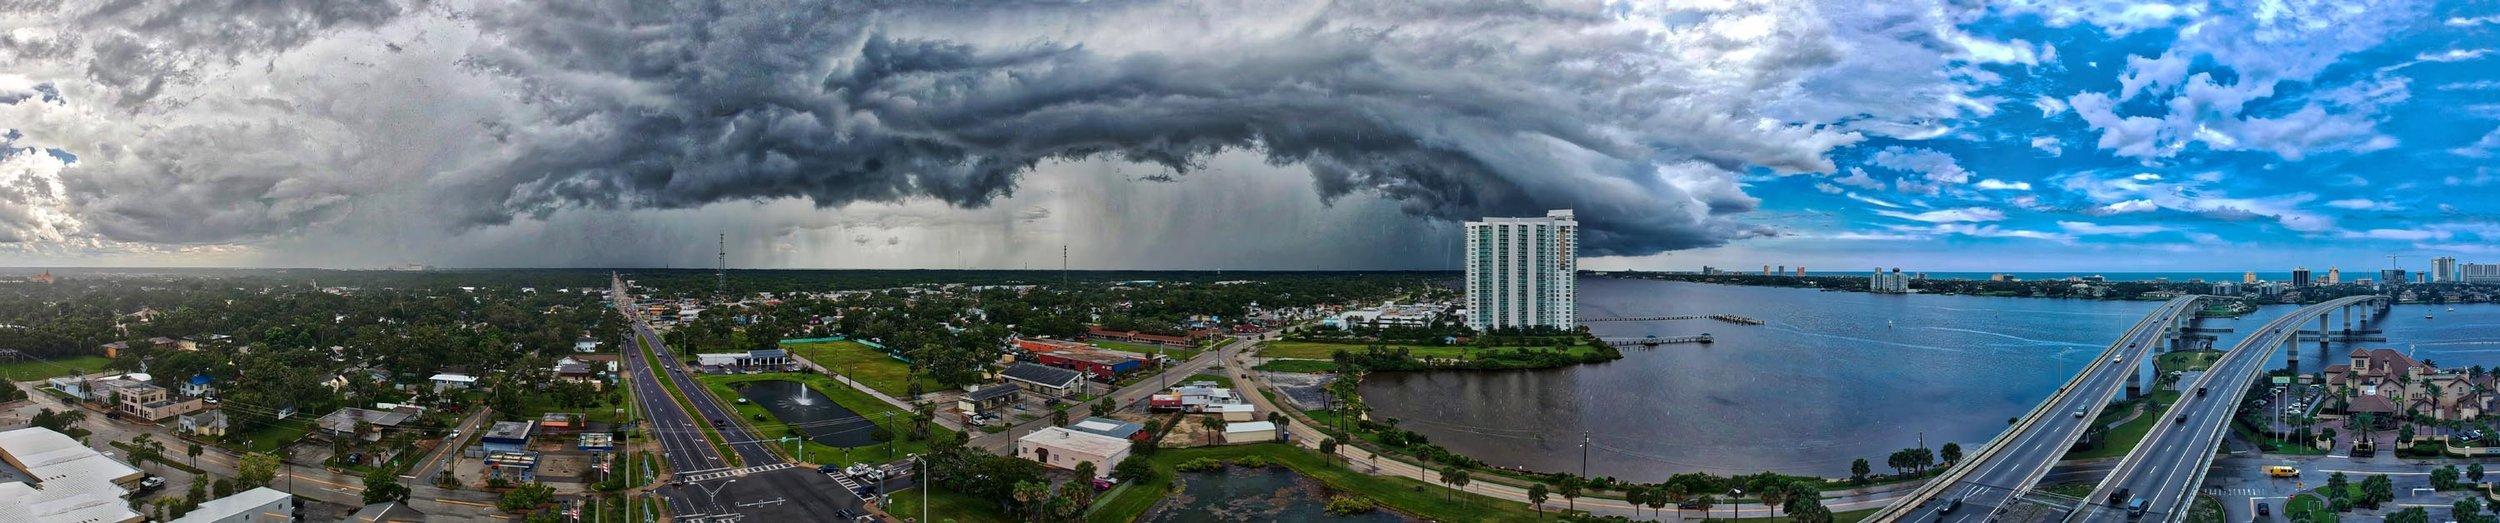 storm_Panorama1.jpg